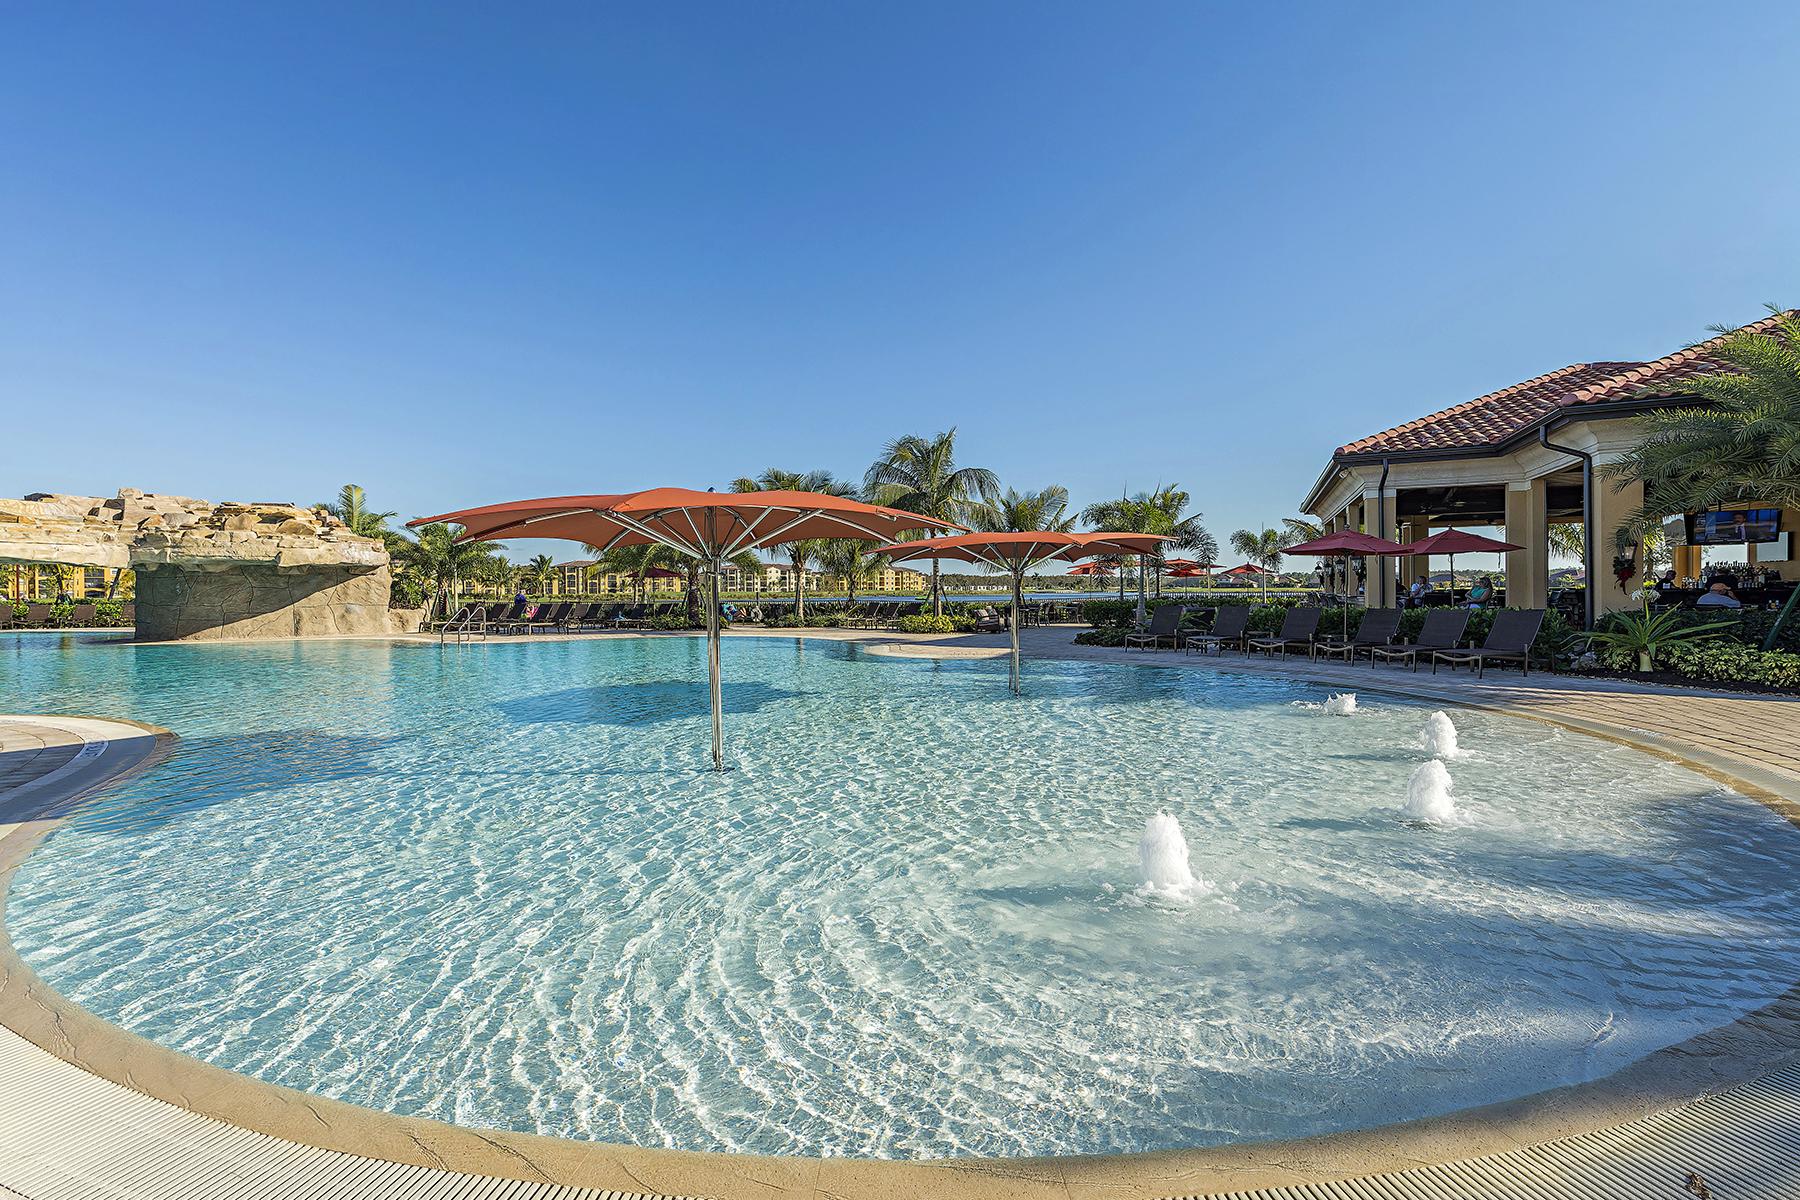 Condominium for Sale at BONITA NATIONAL GOLF AND COUNTRY CLUB 17956 Bonita National Blvd 1621 Bonita Springs, Florida, 34135 United States